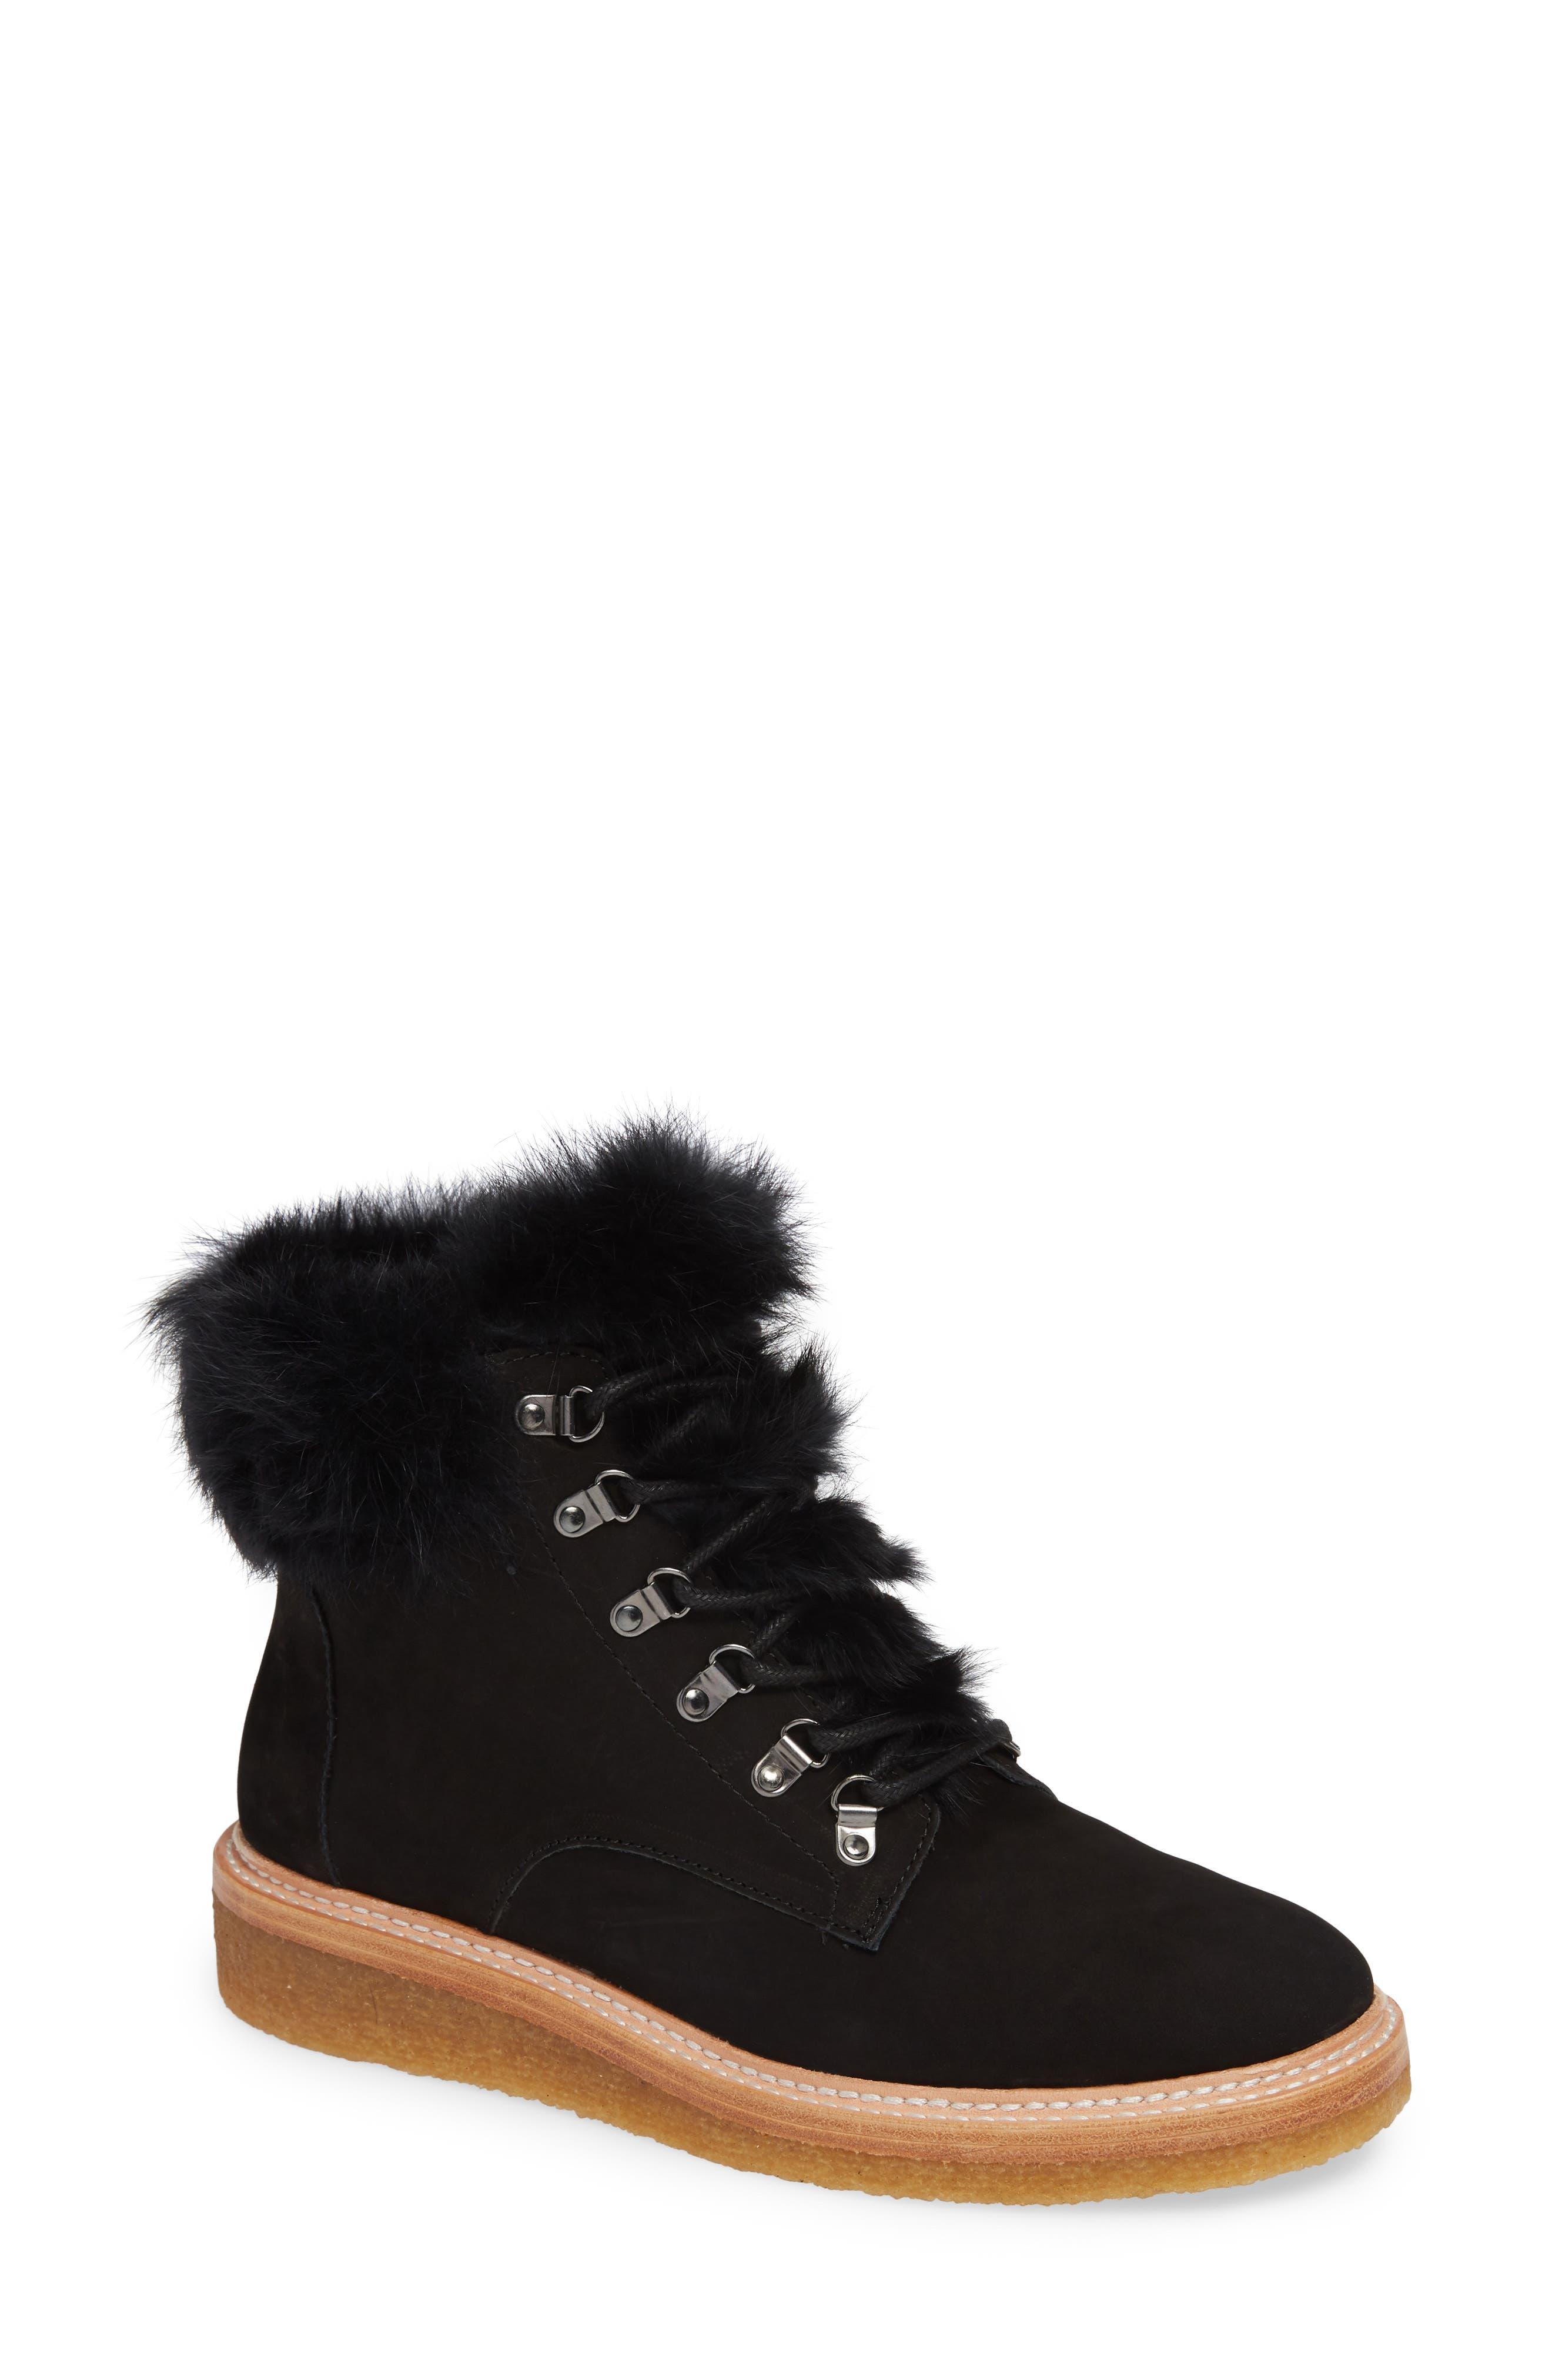 Botkier Winter Genuine Rabbit Fur Trim Boot- Black